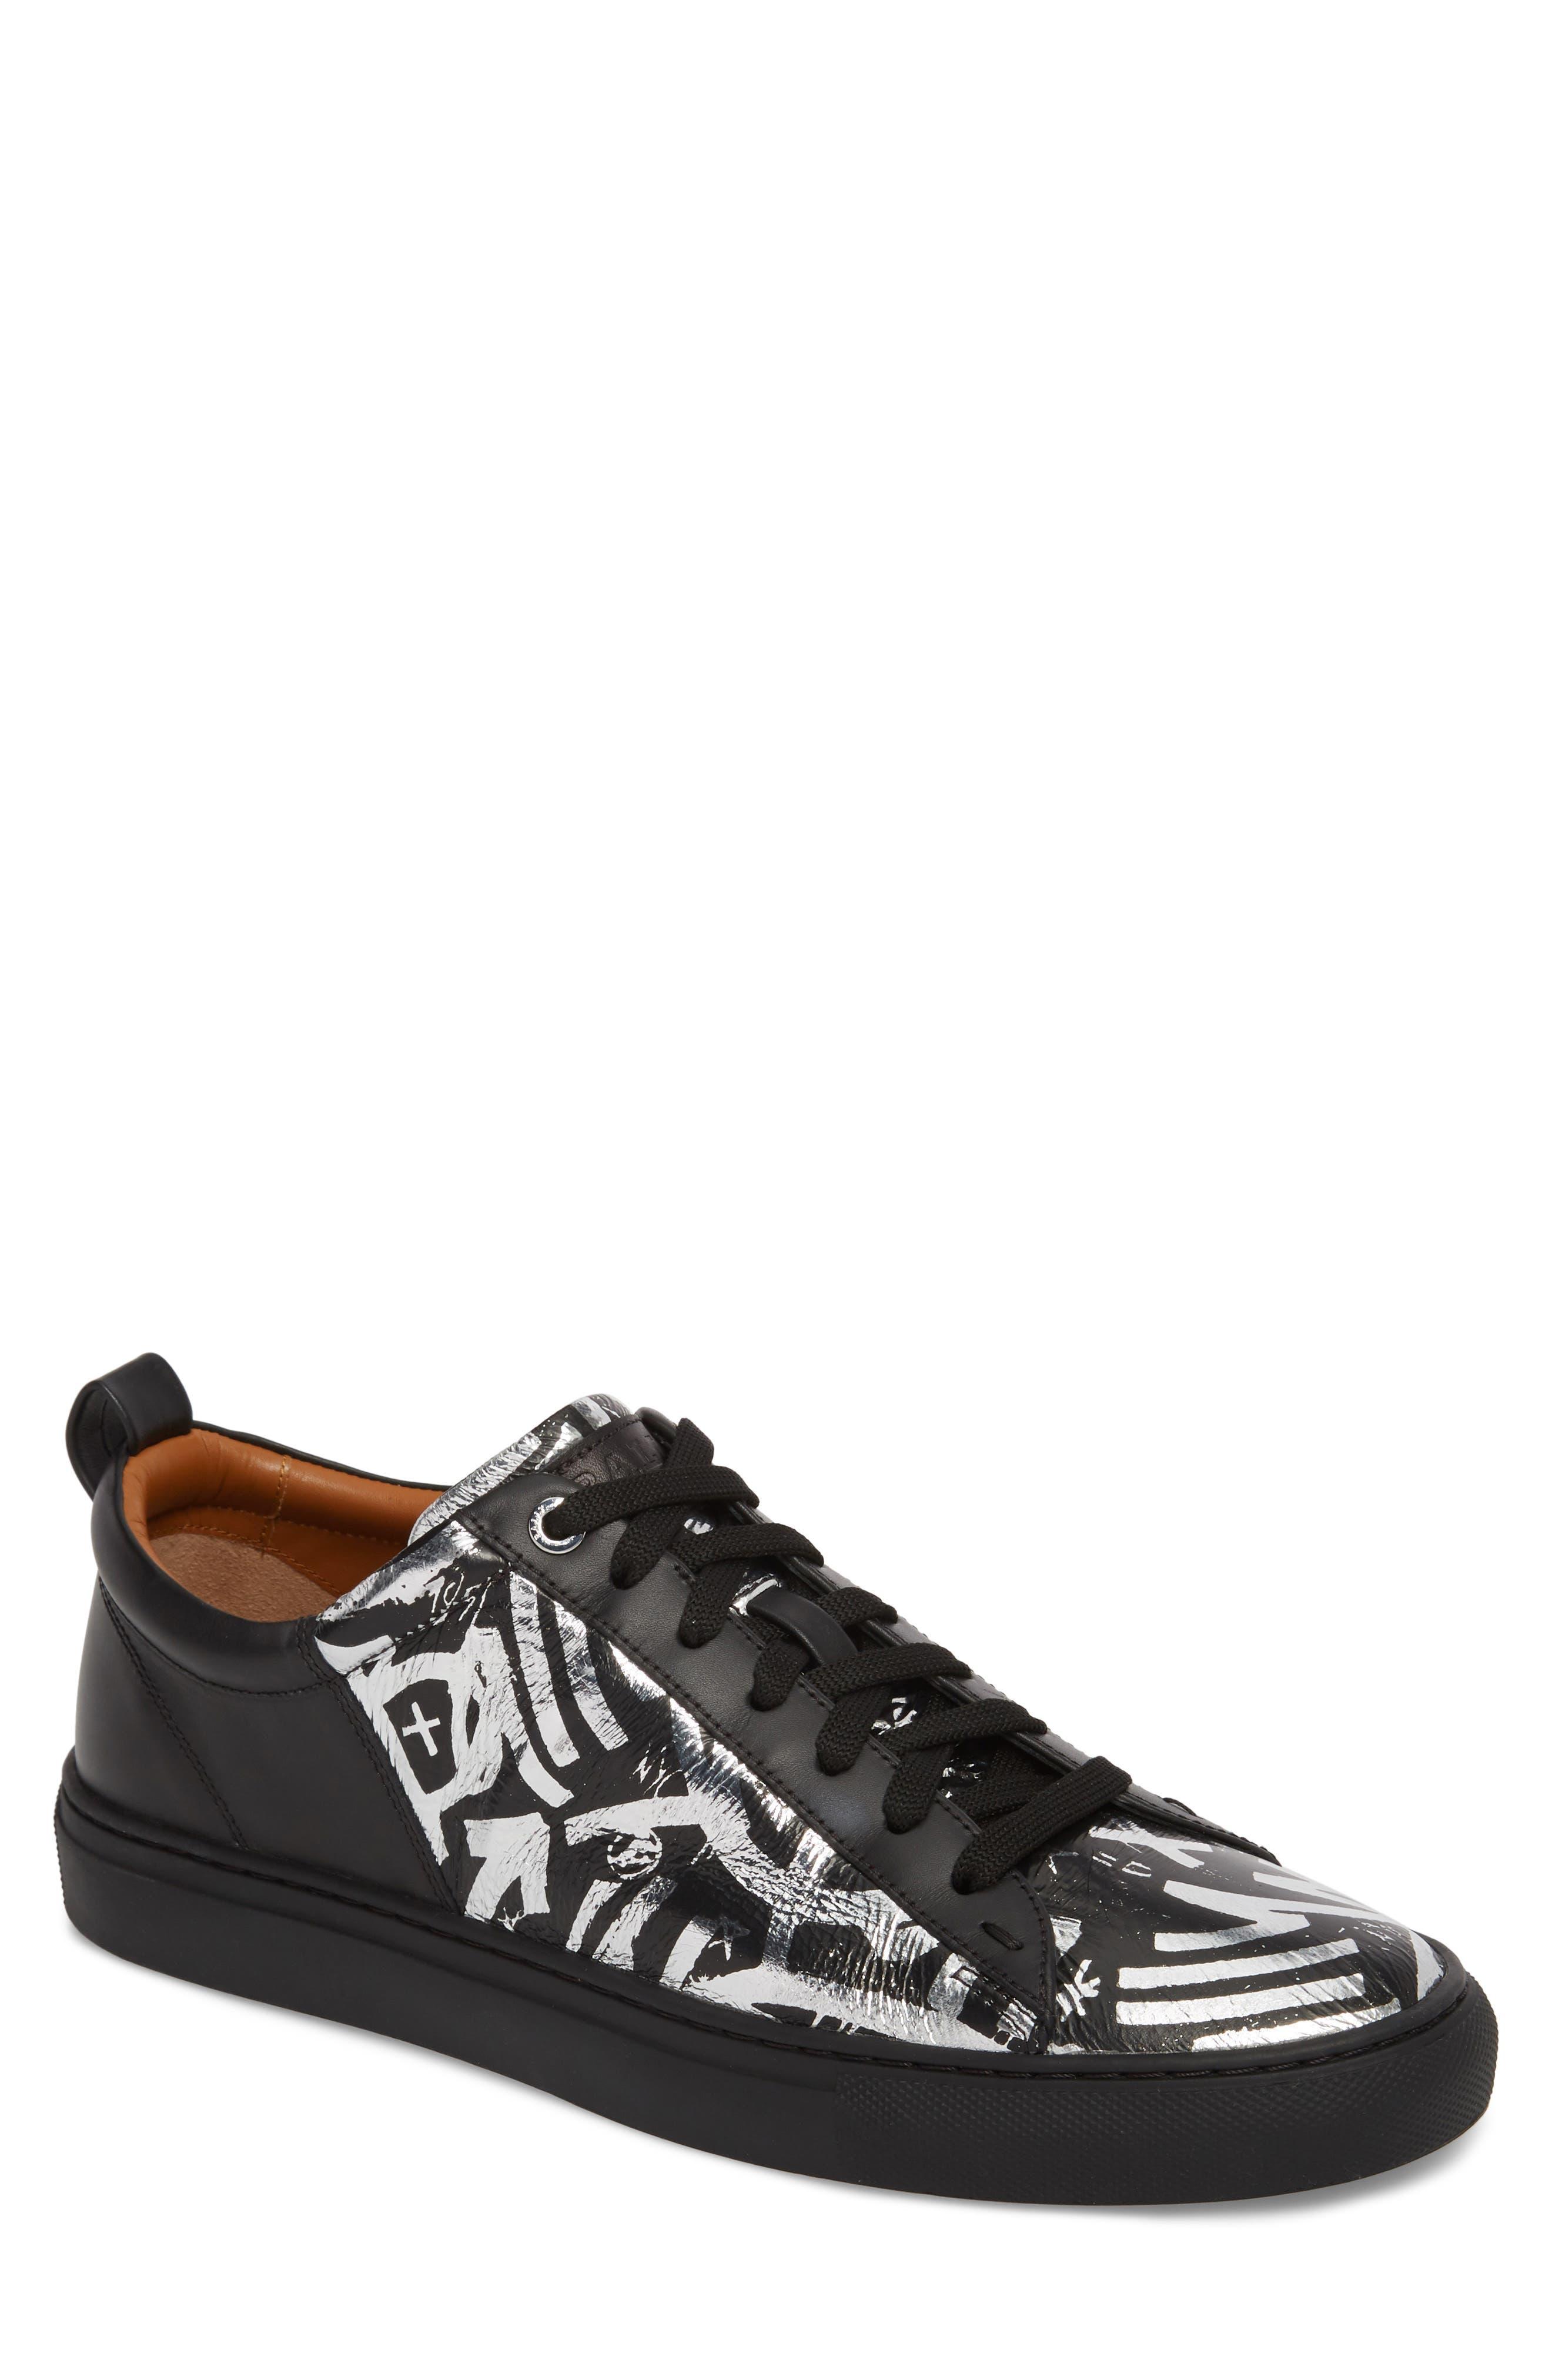 Herbi Low Top Sneaker,                         Main,                         color, Silver